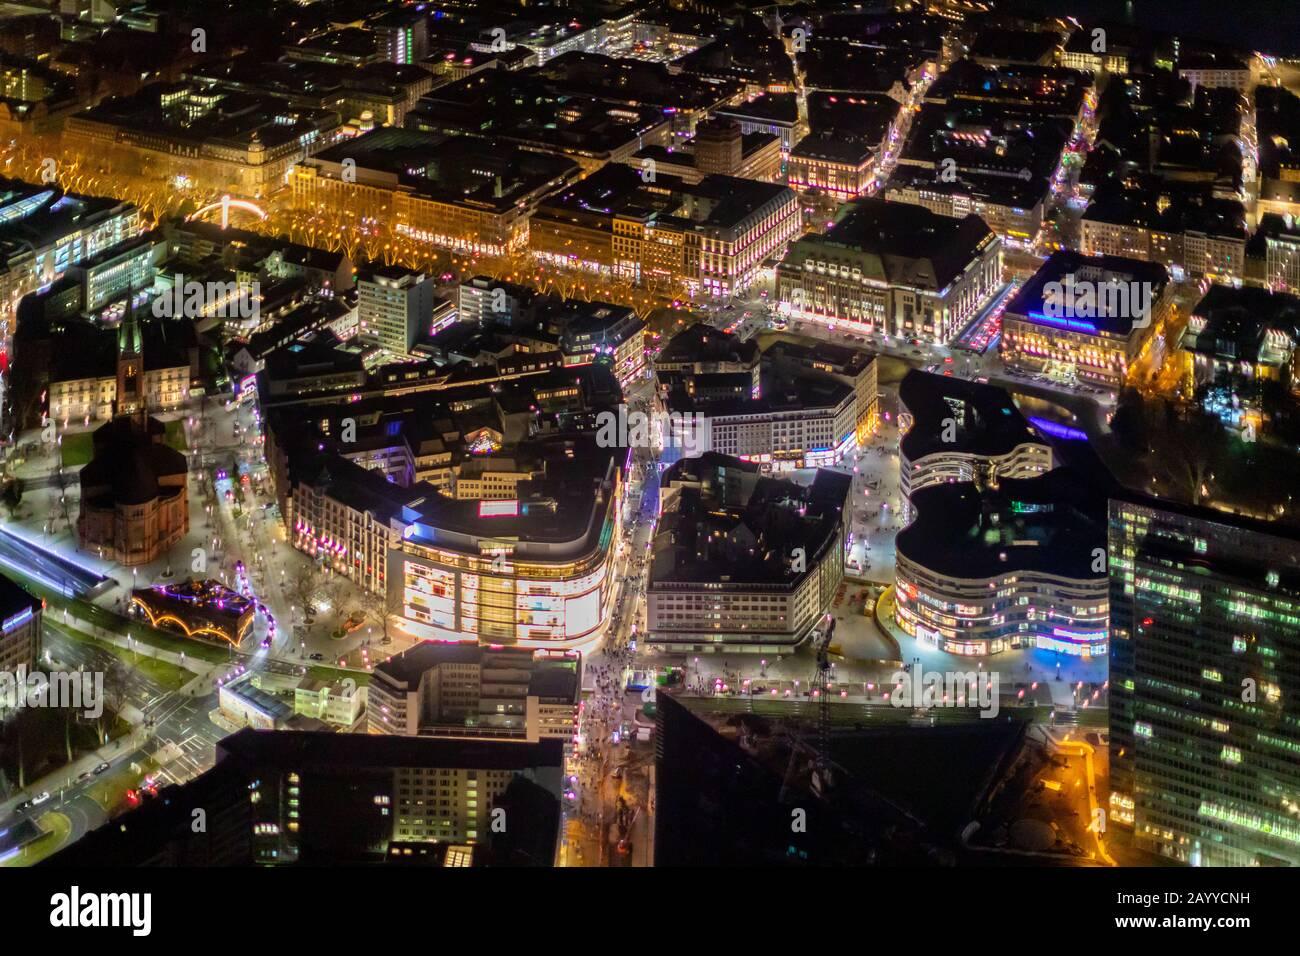 Foto aérea, centro comercial, Schadow Arcades, LÖ, Königsallee, Düsseldorf, Renania del Norte, Renania-Westfalia, Alemania, DEU, Europa, vista de pájaro, Foto de stock